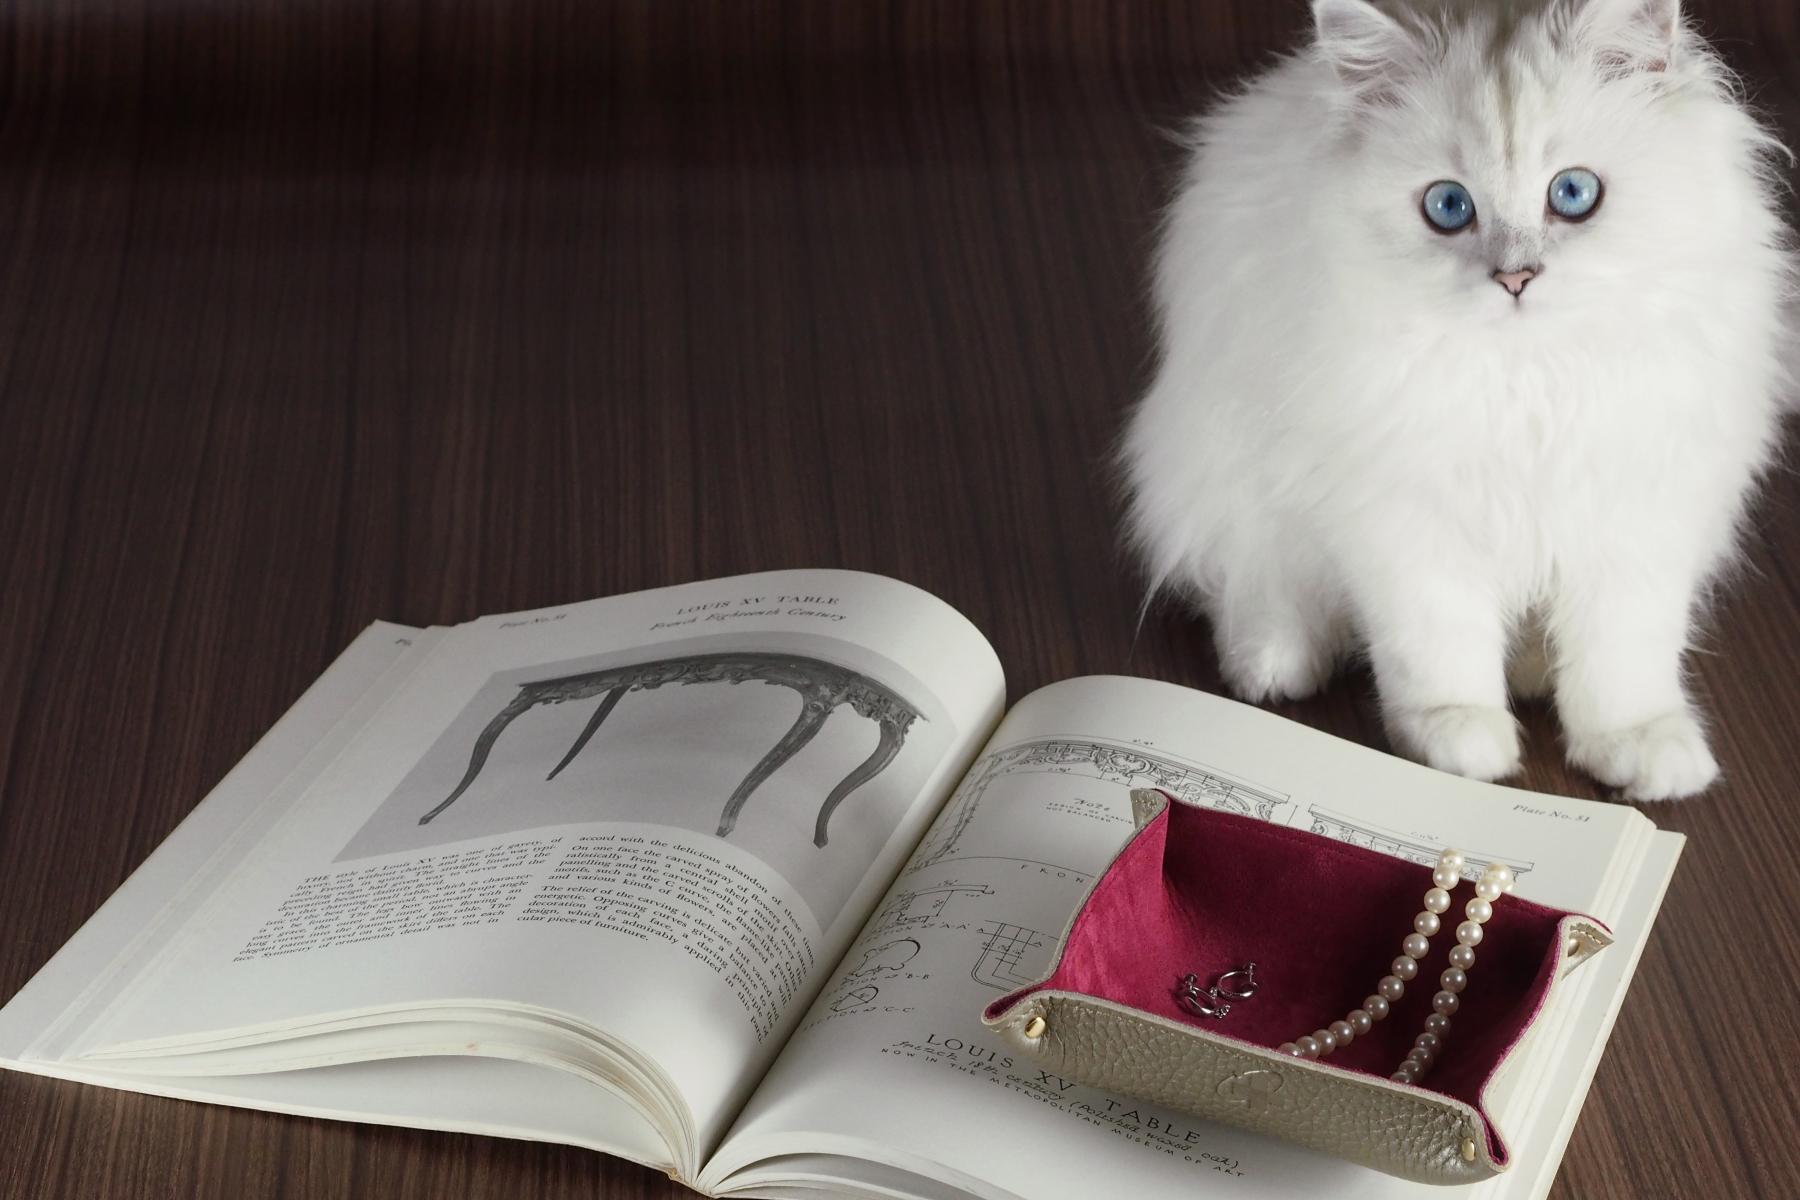 ナチュラル革トレー・オリエンタル仕様とペルシャ猫